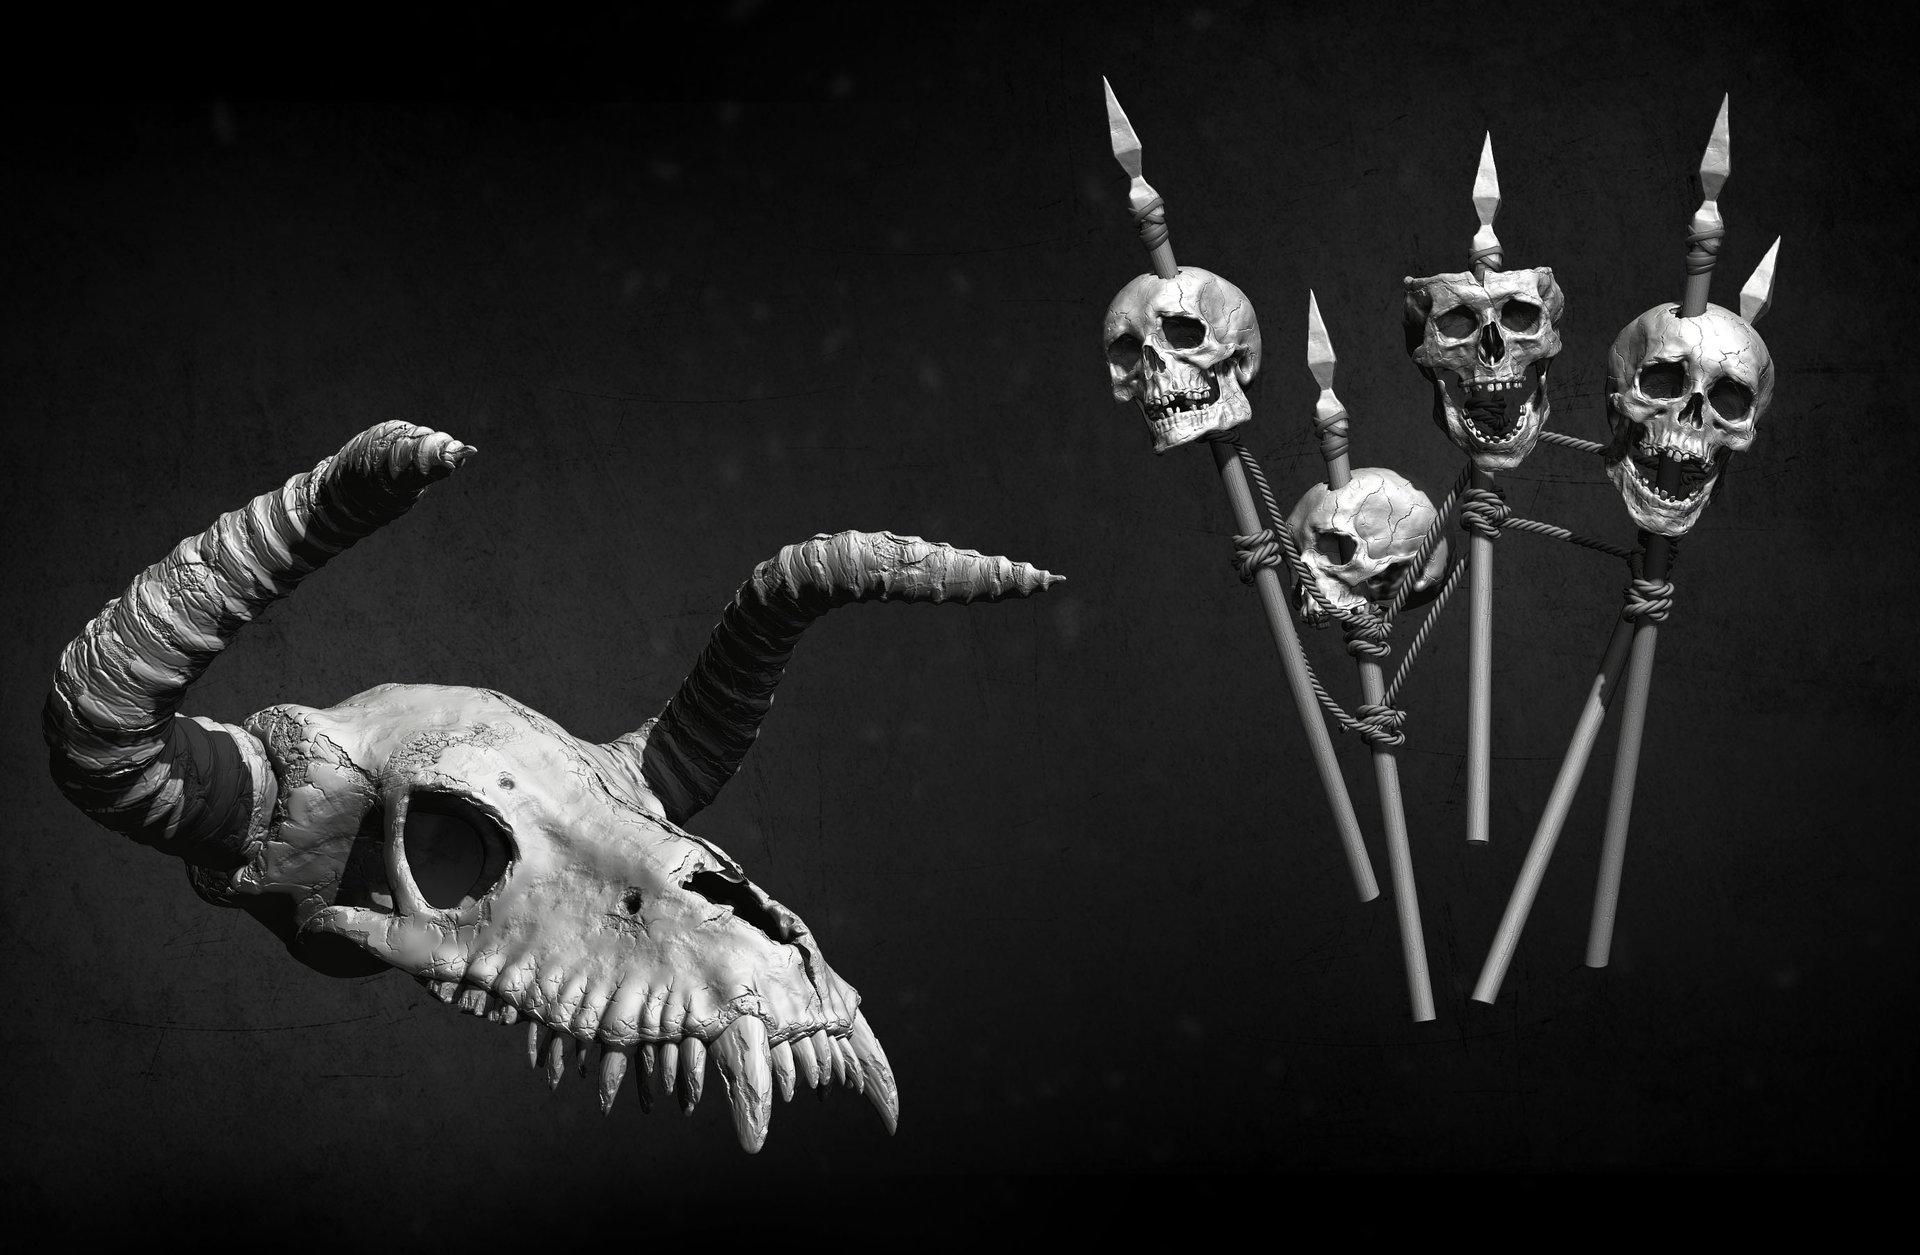 Amin akhshi skulls